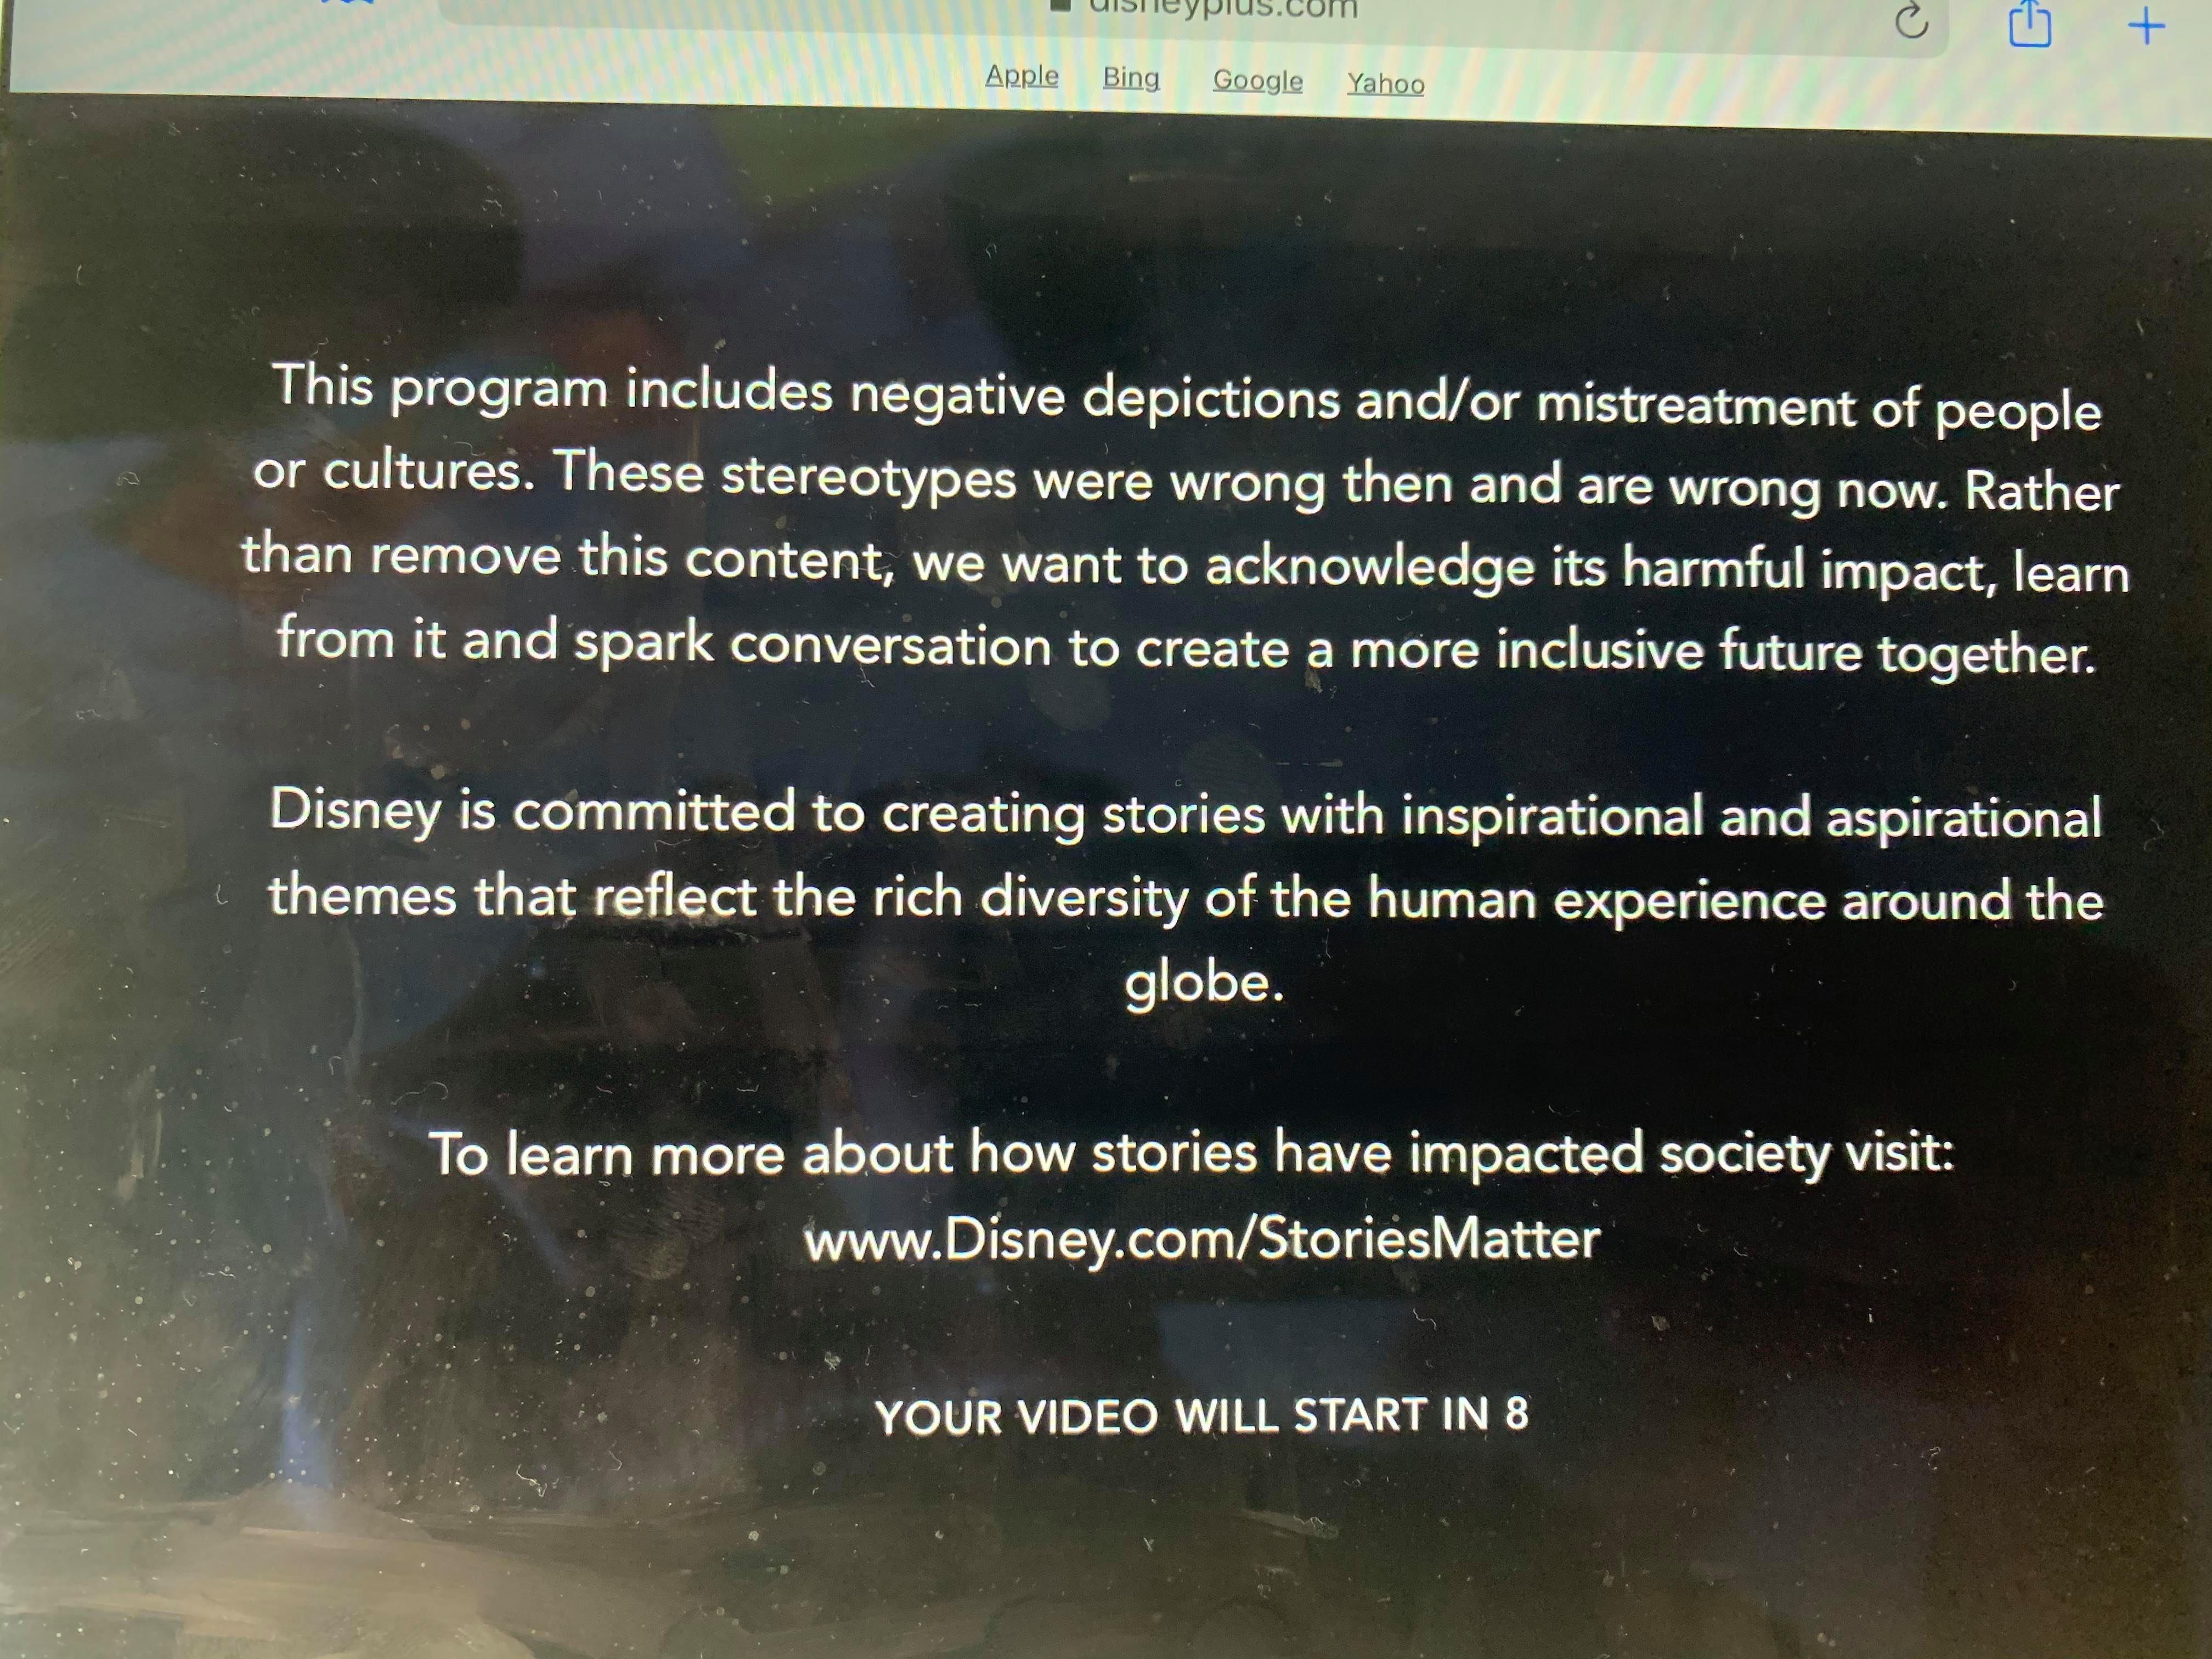 disney+ nu cenzureaza. productile clasice sunt disponibile la sectiunea animatii Disney+ nu cenzureaza. Productile clasice sunt disponibile la sectiunea Animatii 142439212 422246375873919 8064723296865945882 n